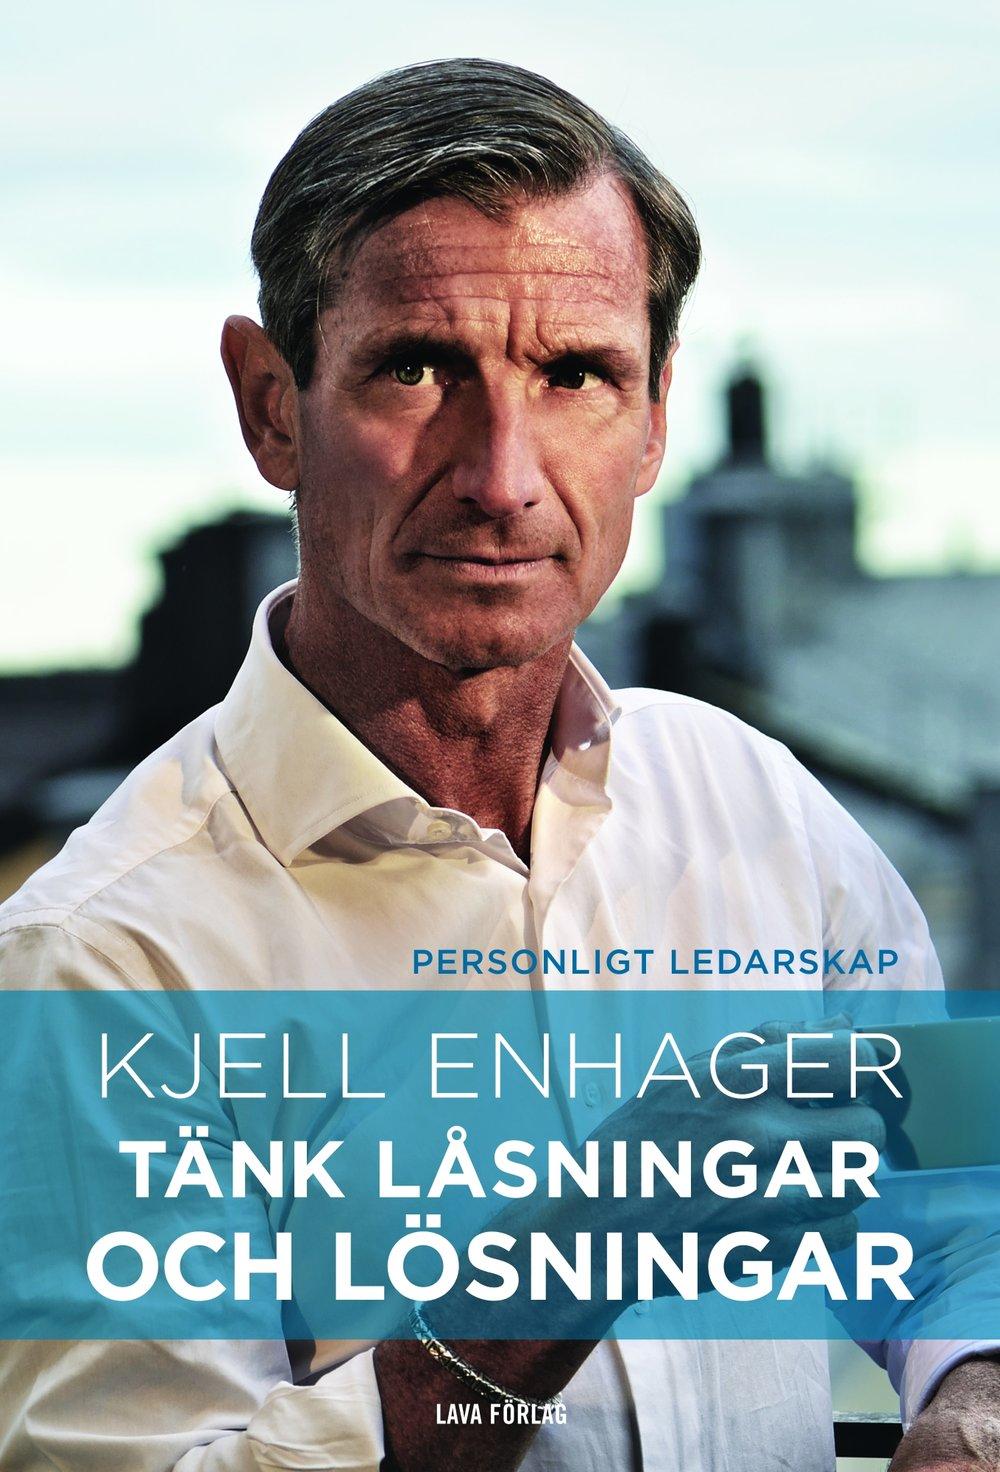 tank_lasningar_och_losningar-30390656-.jpg